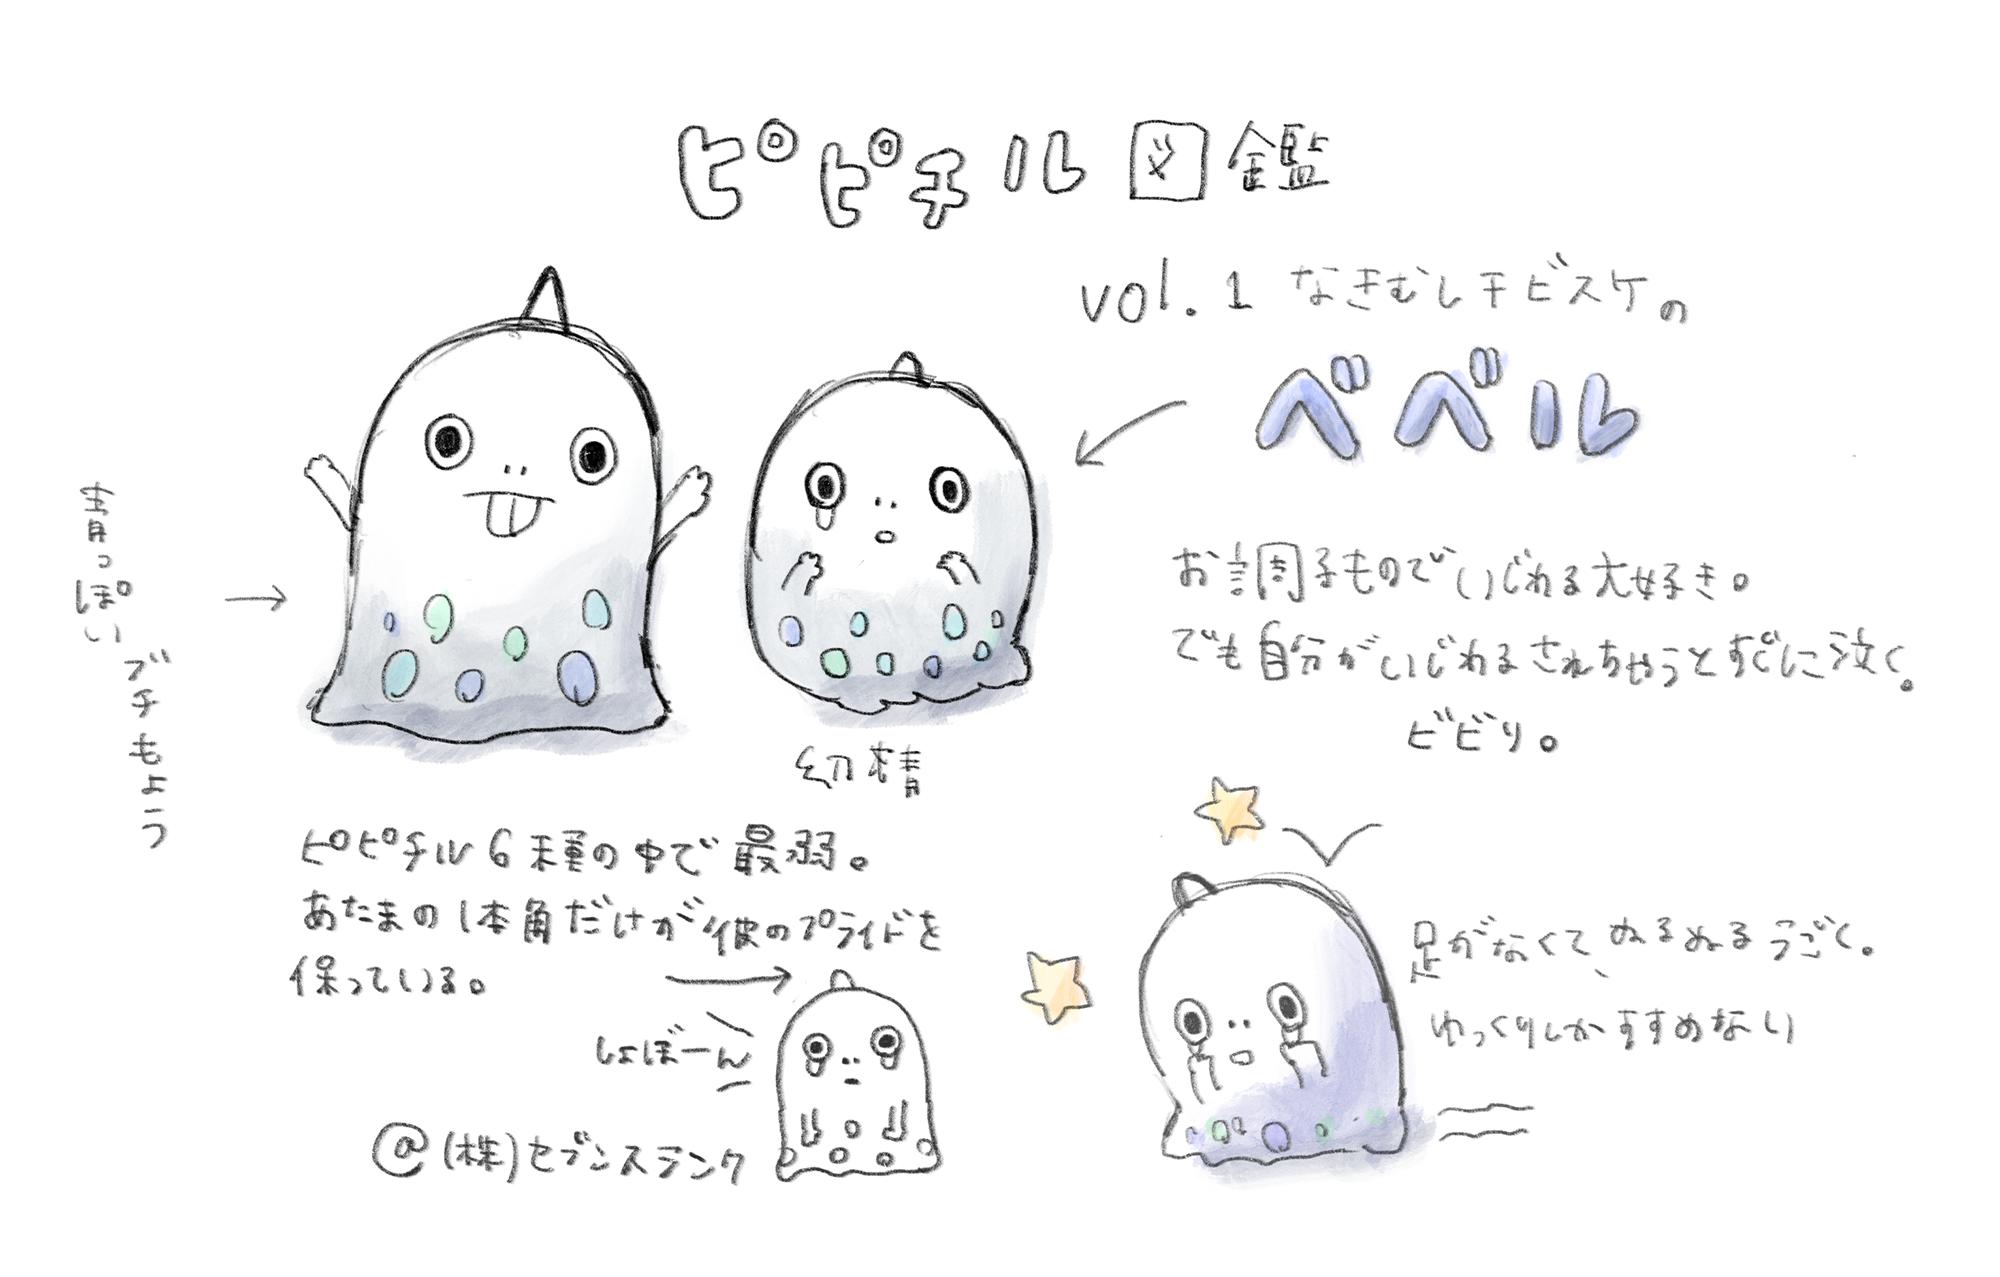 ピピチル図鑑vol.1べベル